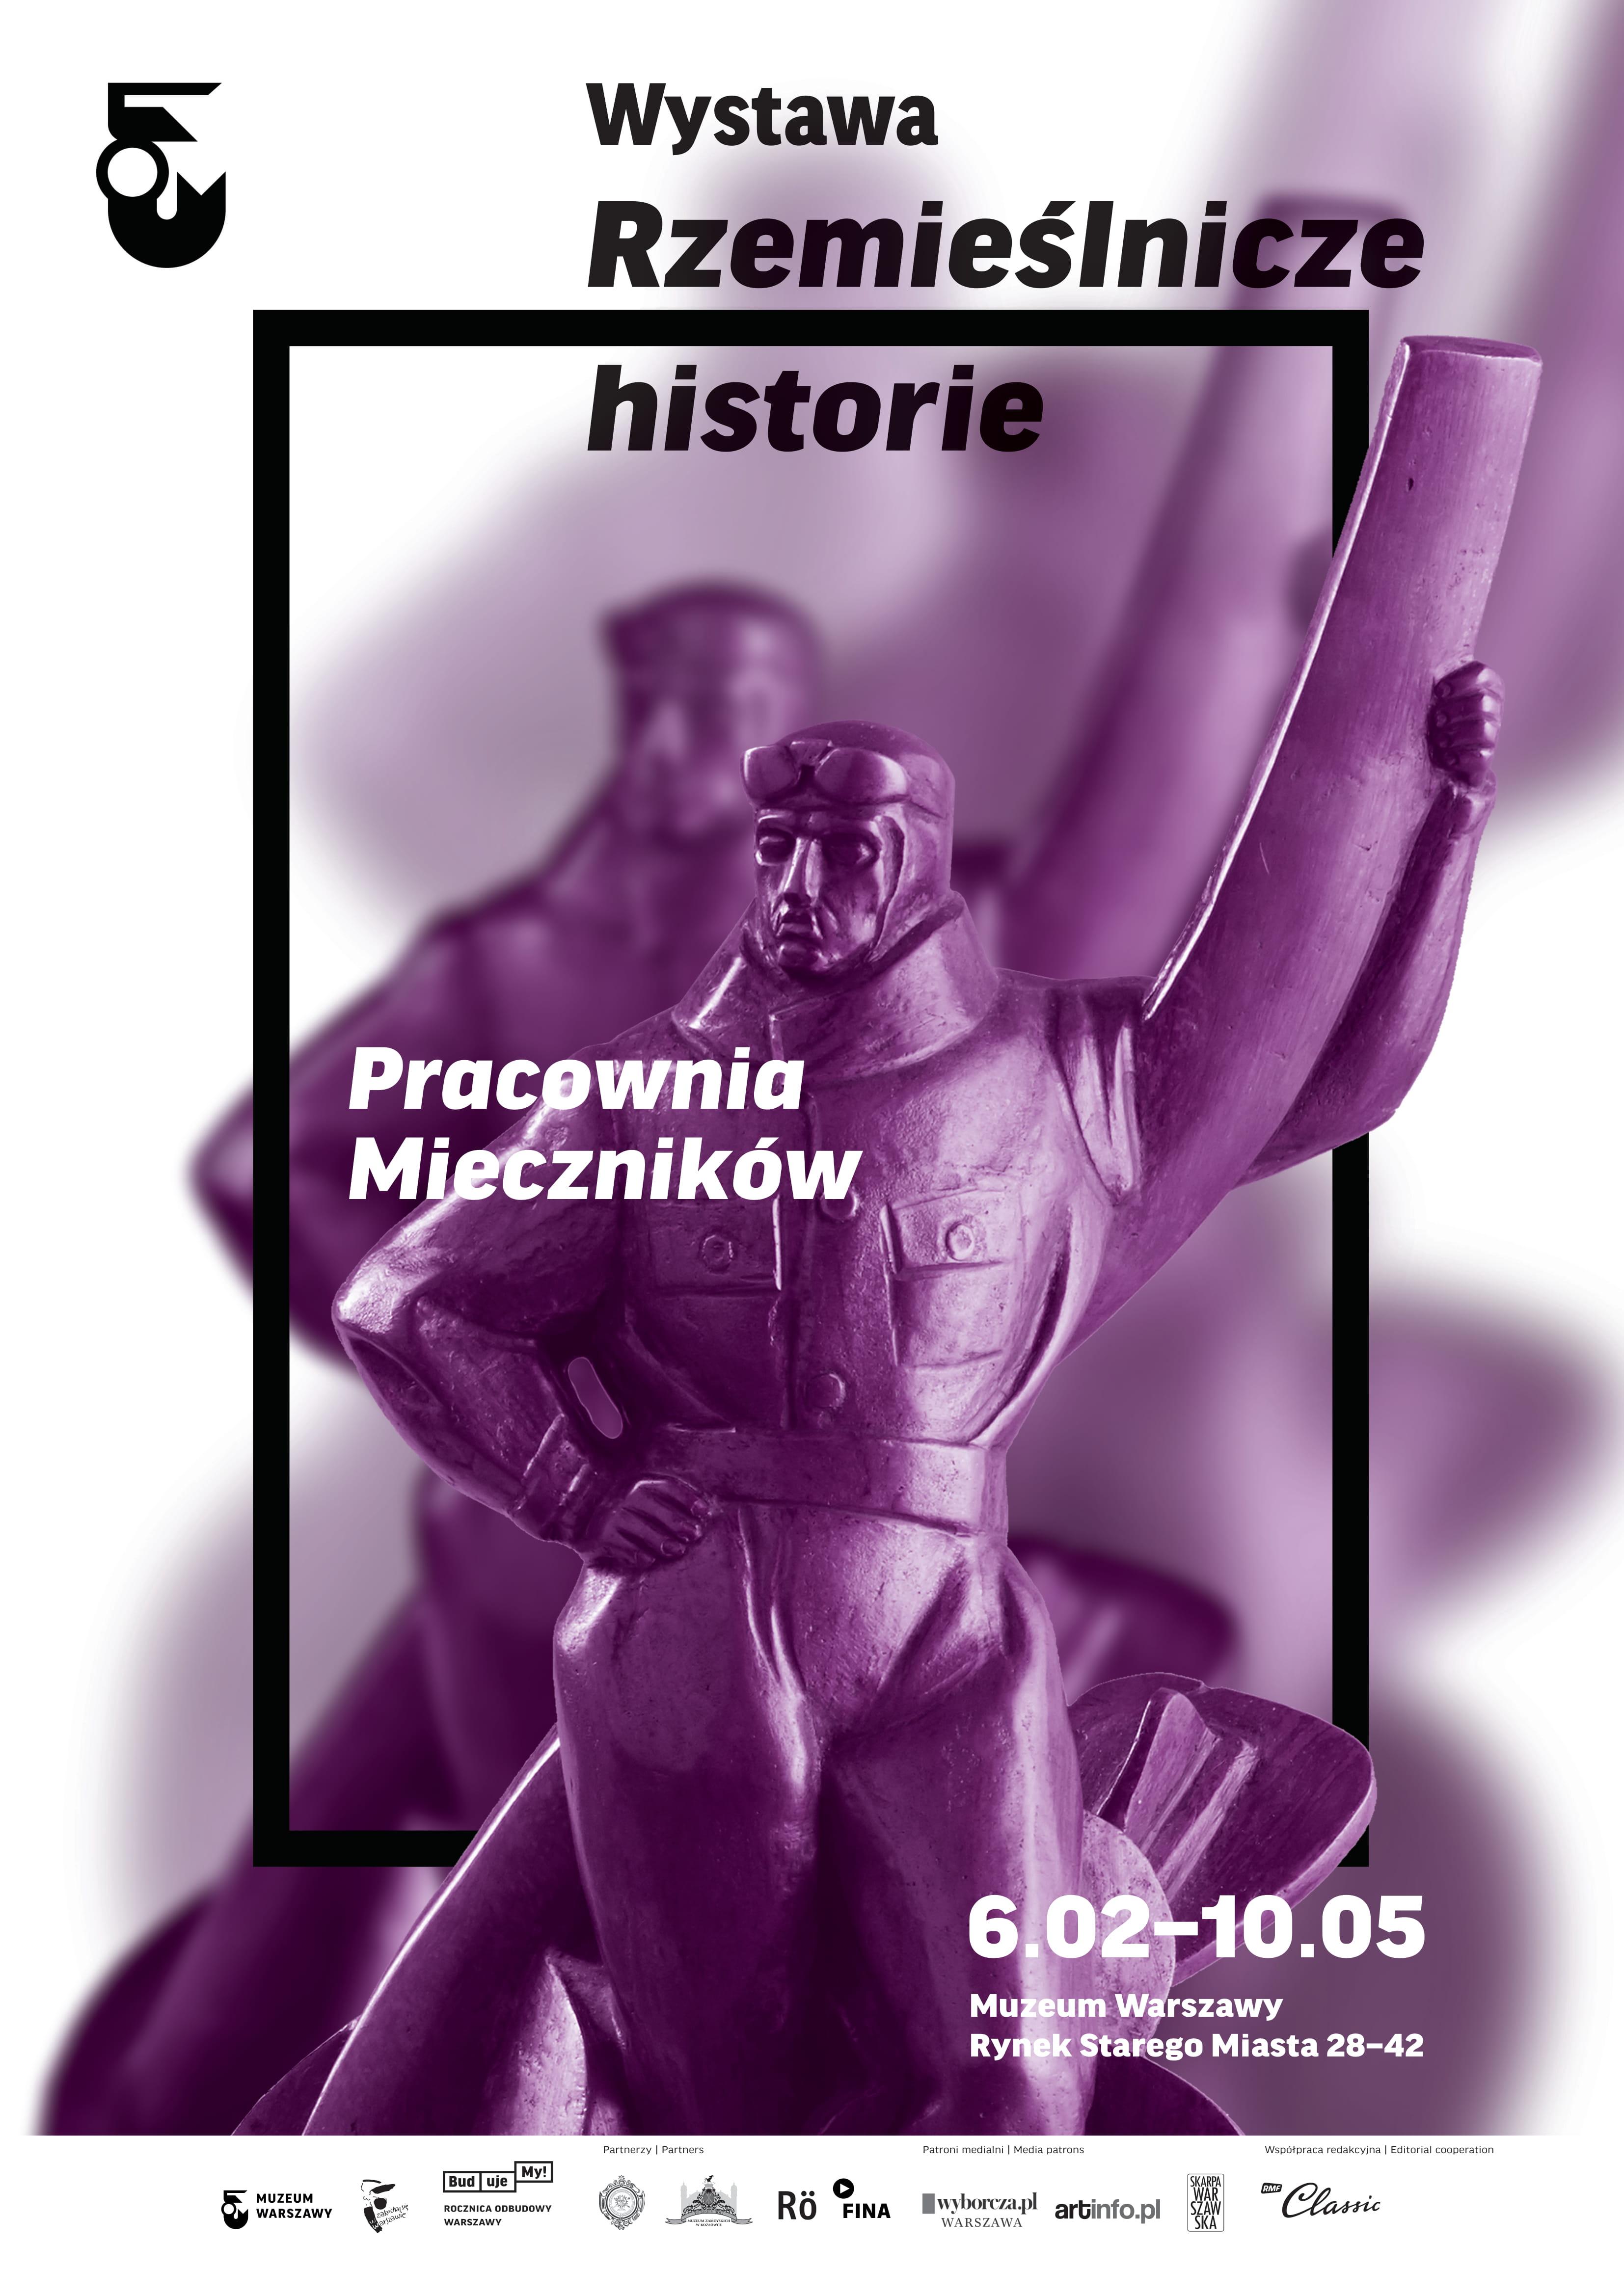 Rzemieślnicze_historie_pracownia_mieczników_plakat 1-1